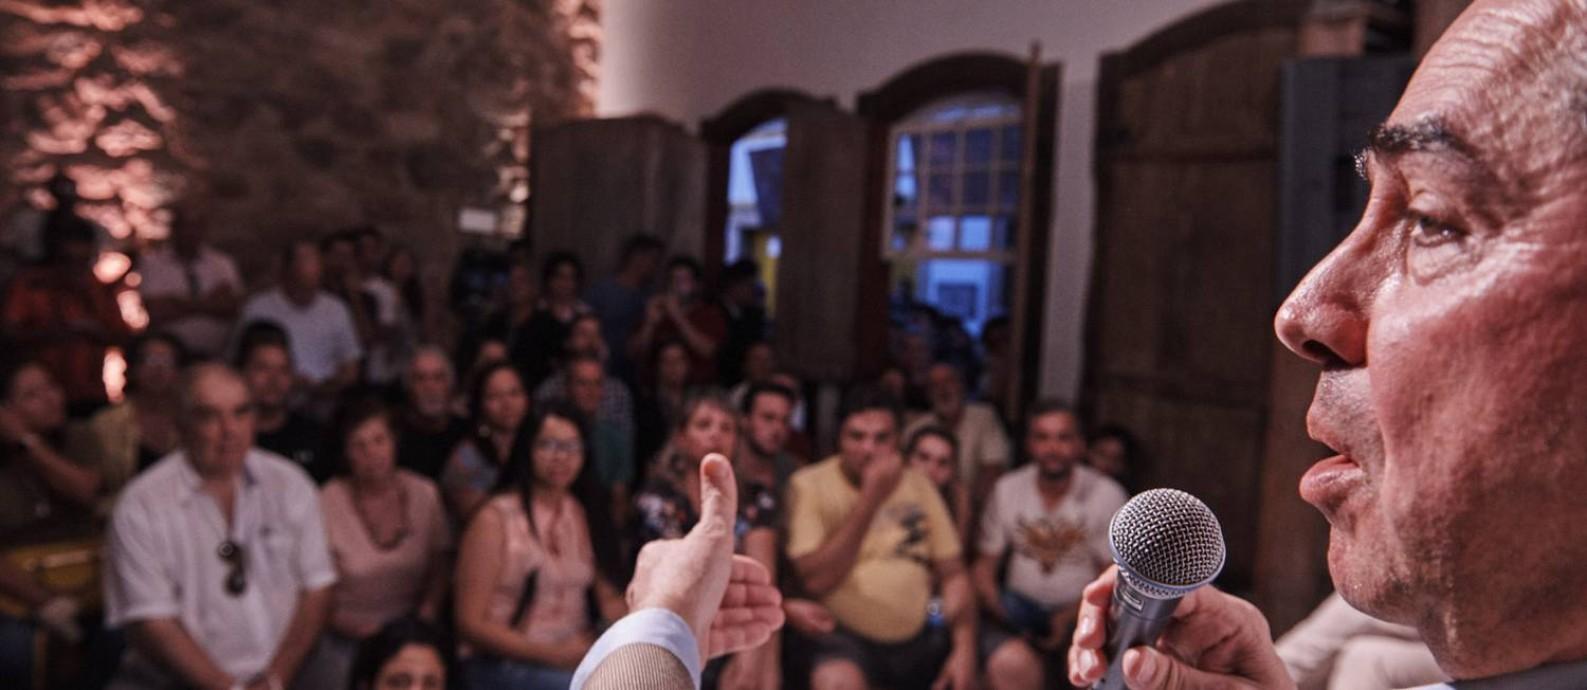 O ministro Luís Roberto Barroso falou para o público da Casa ÉPOCA & Vogue Foto: Foto: Marcelo Saraiva